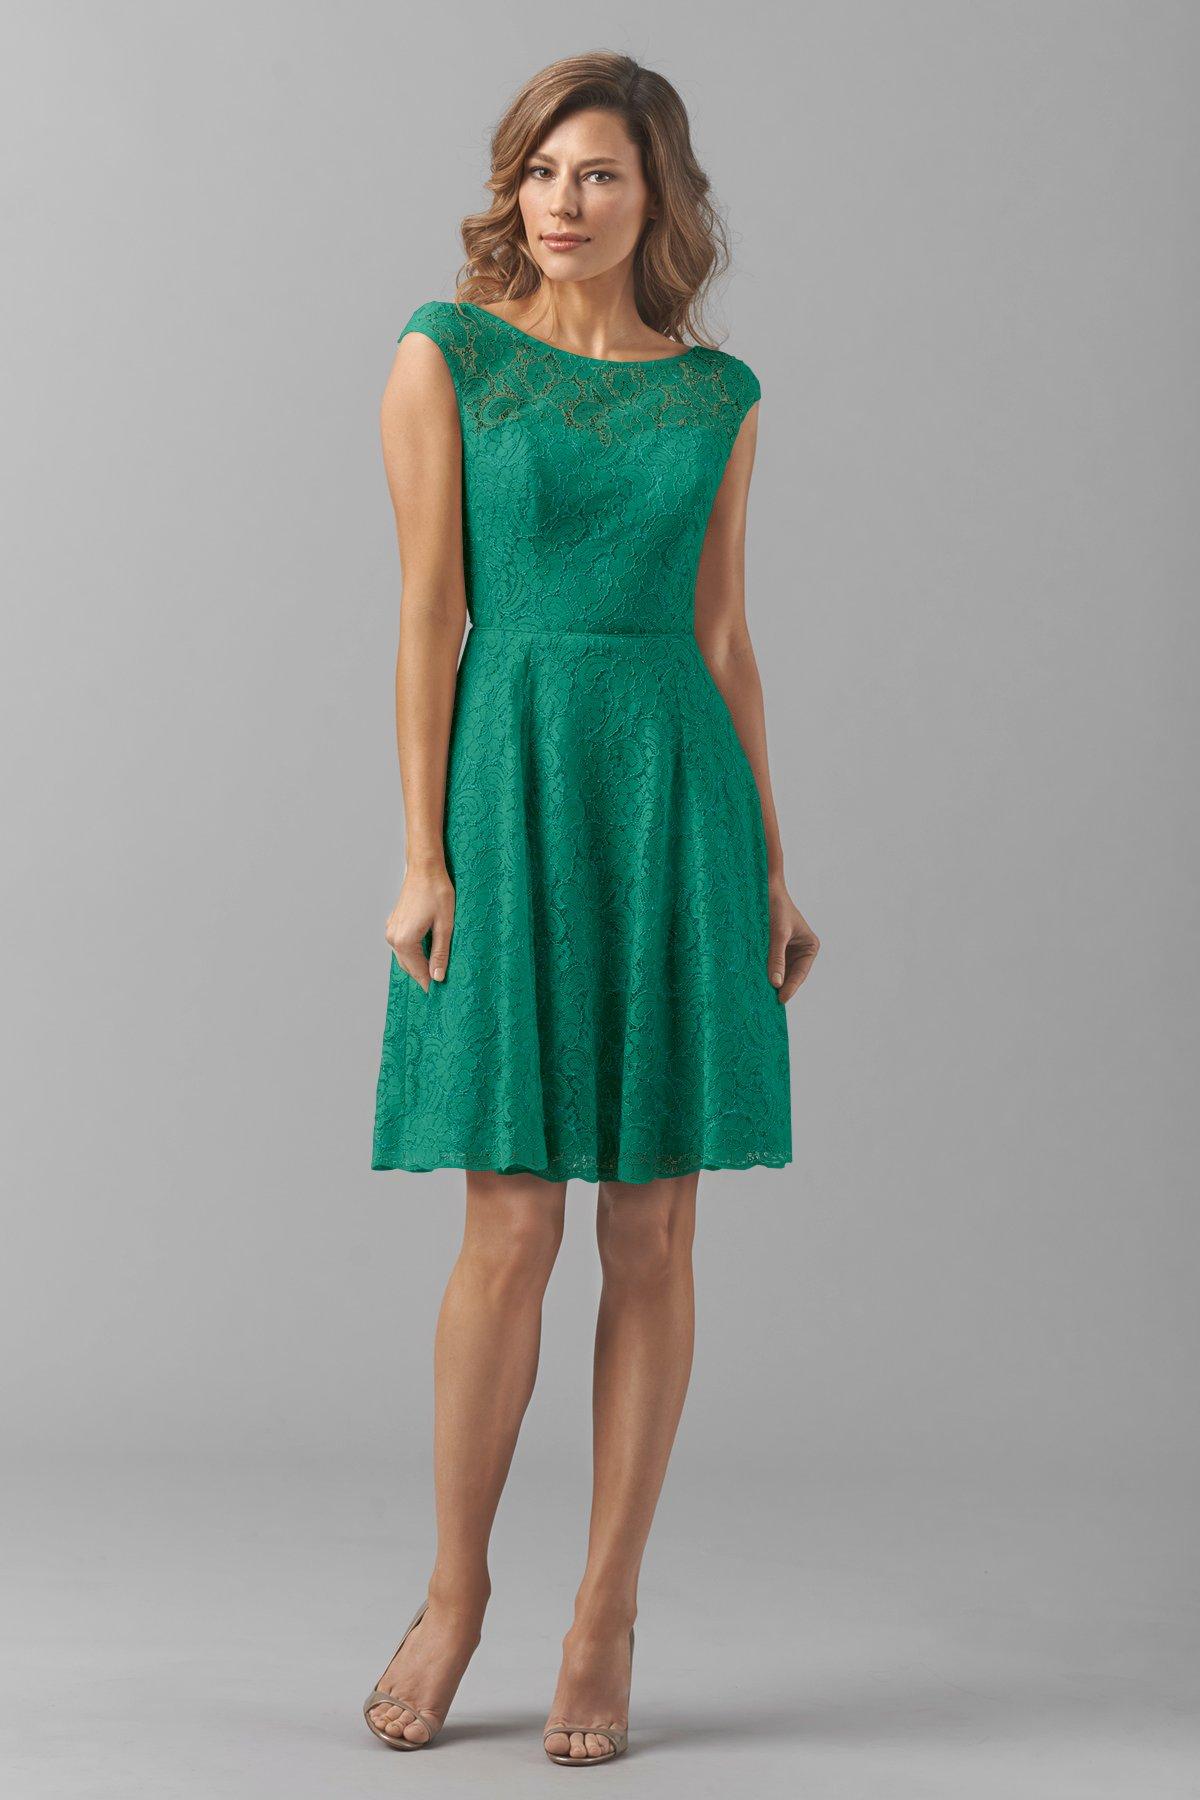 Aqua Green Short Lace Bridesmaid Dress